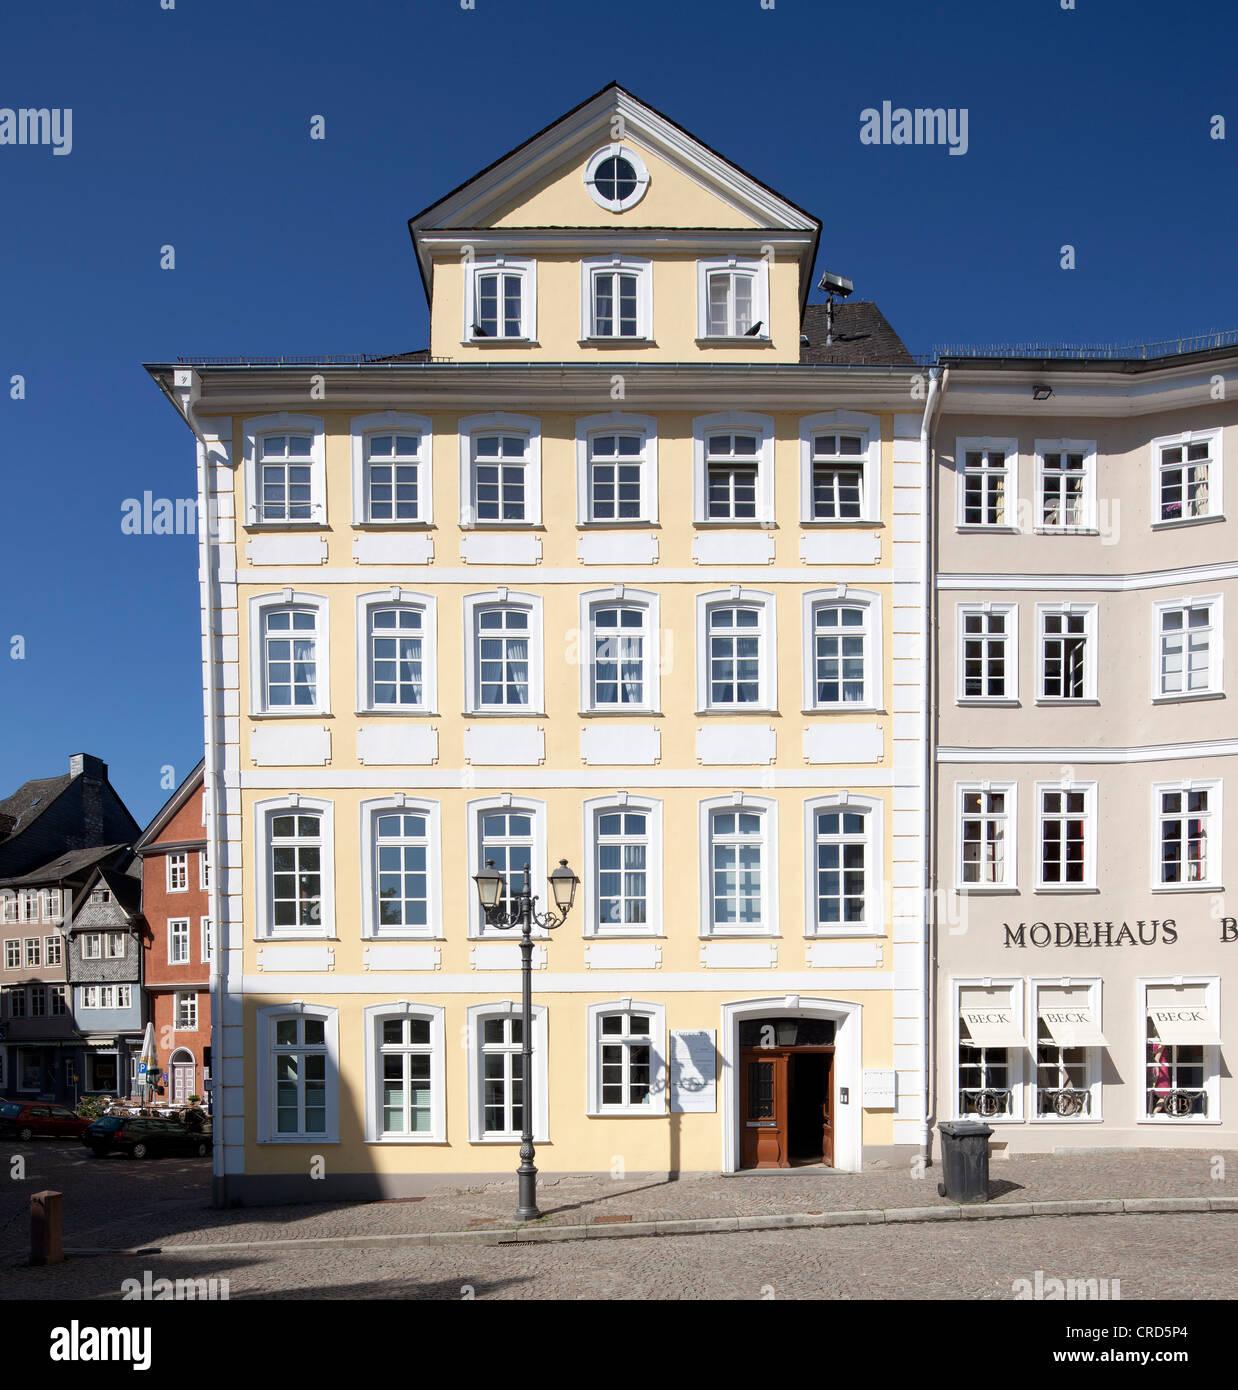 Geschäftshaus am Domplatz, Domplatz, Wetzlar, Hessen, Deutschland, Europa, PublicGround Stockbild